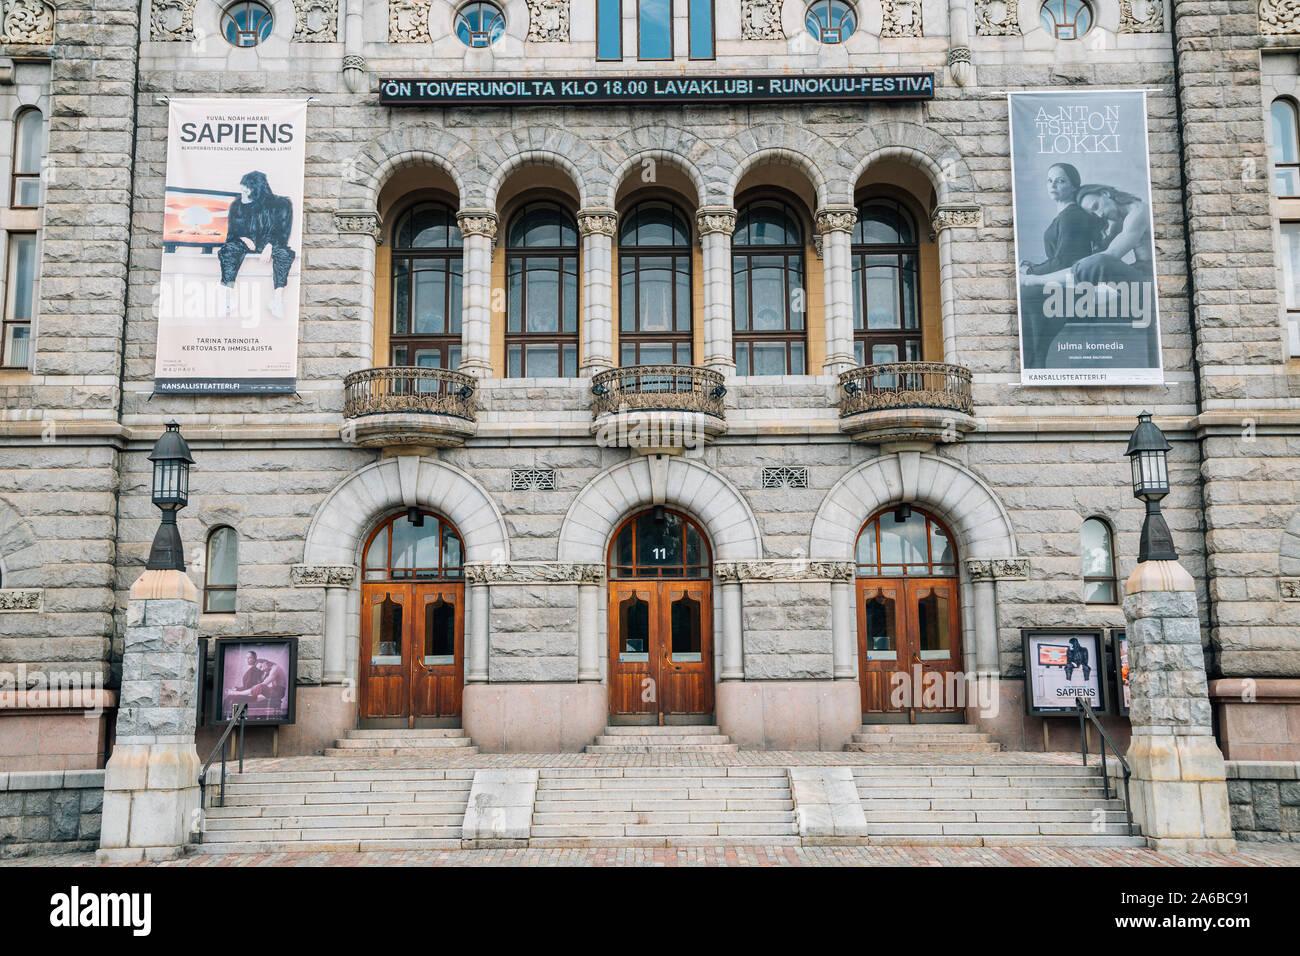 Helsinki, Finland - August 15, 2019 : Finnish National Theatre, Suomen Kansallisteatteri Stock Photo